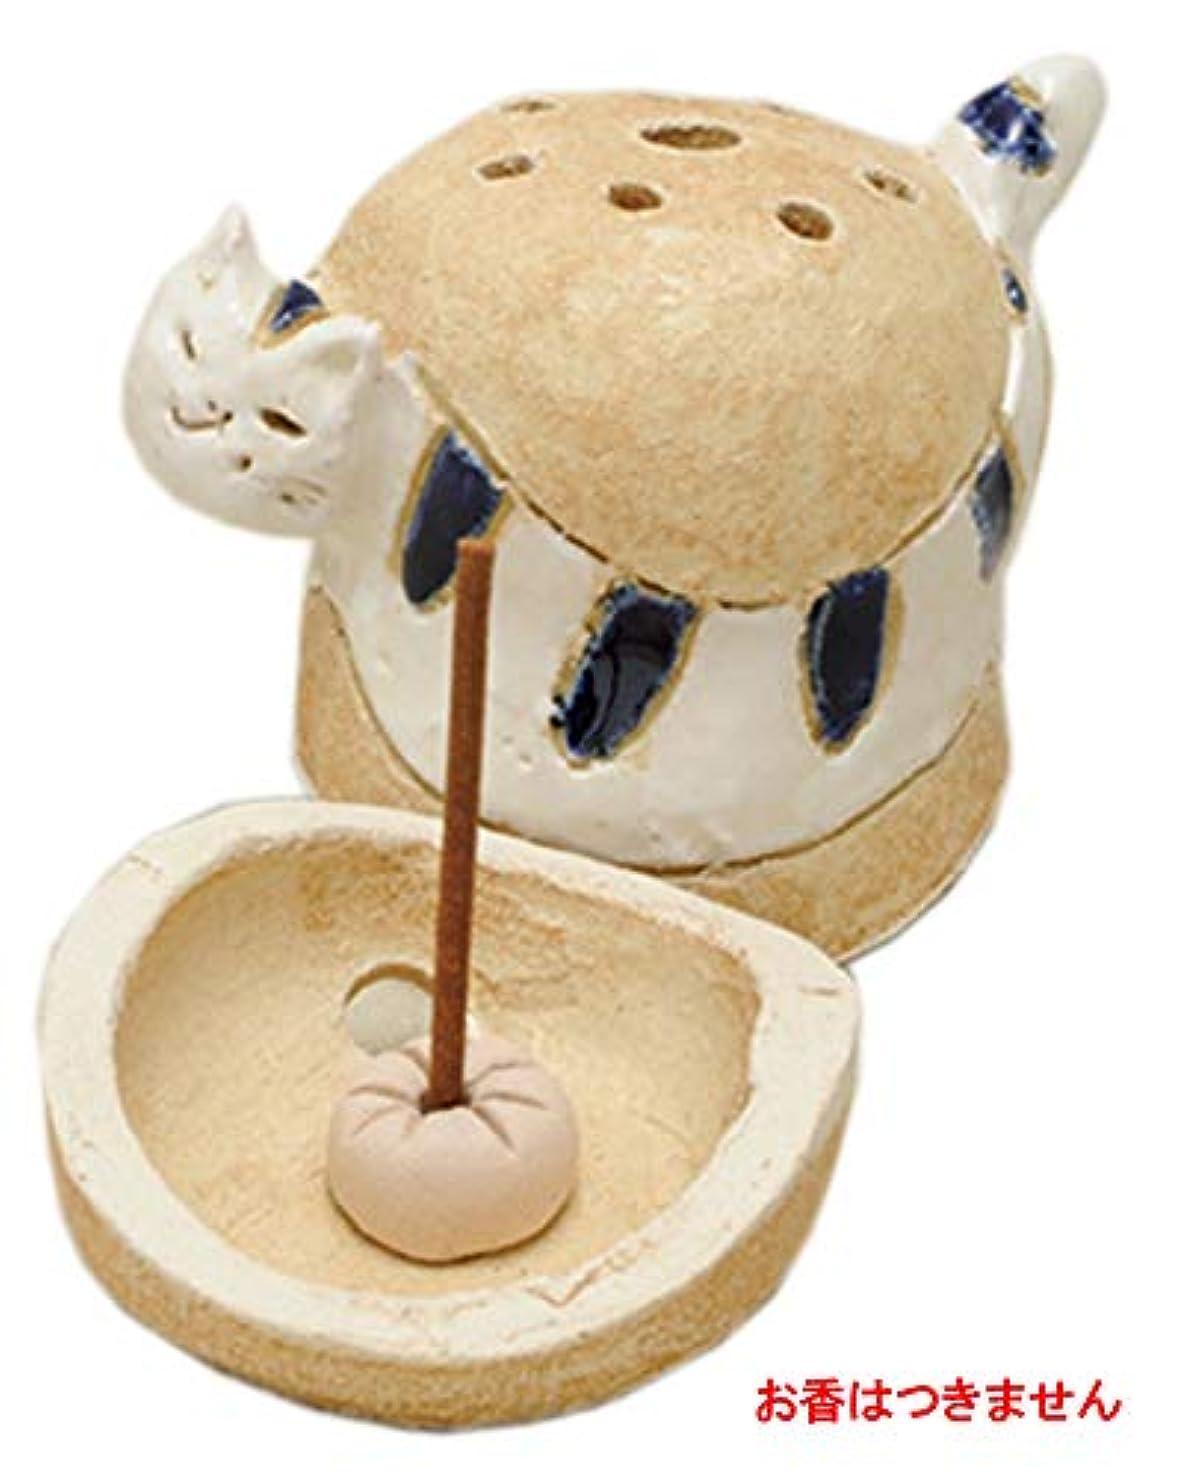 スーパー兄発信島ねこ 島しまネコ 香炉(青) [R5.5xH8cm] HANDMADE プレゼント ギフト 和食器 かわいい インテリア